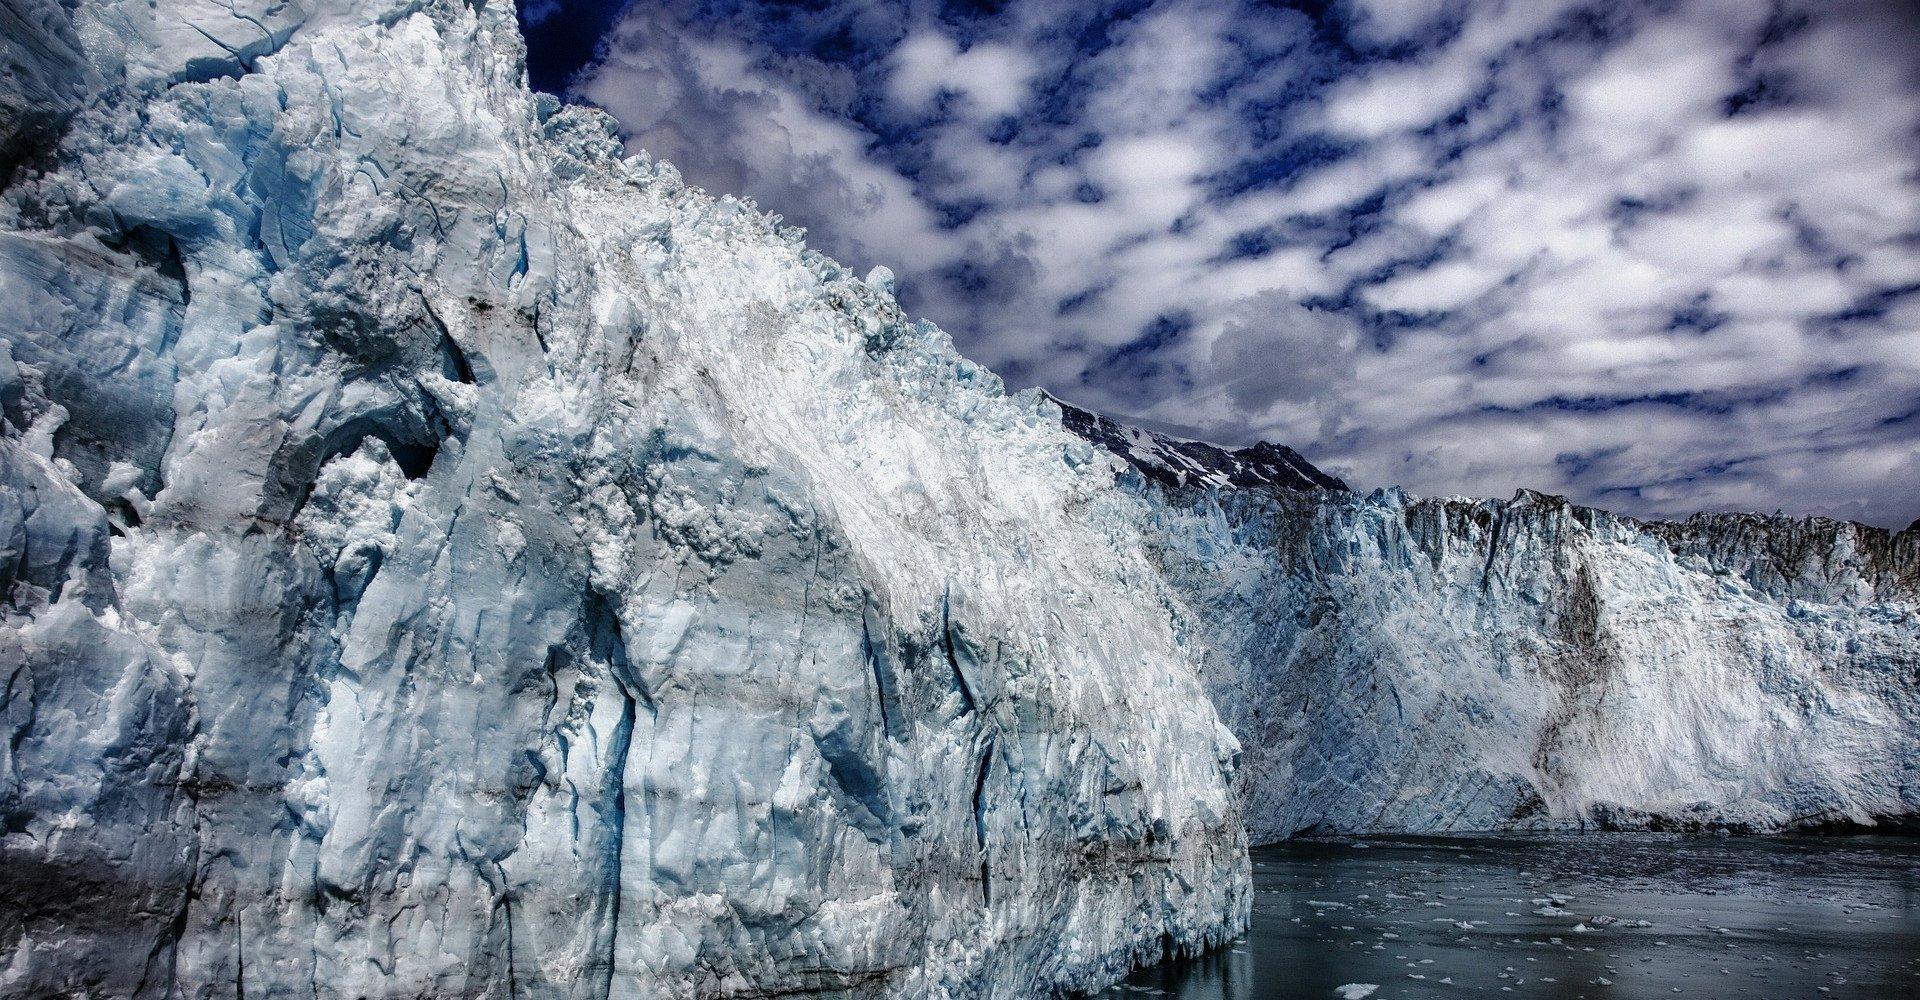 icebergphotographyexamples